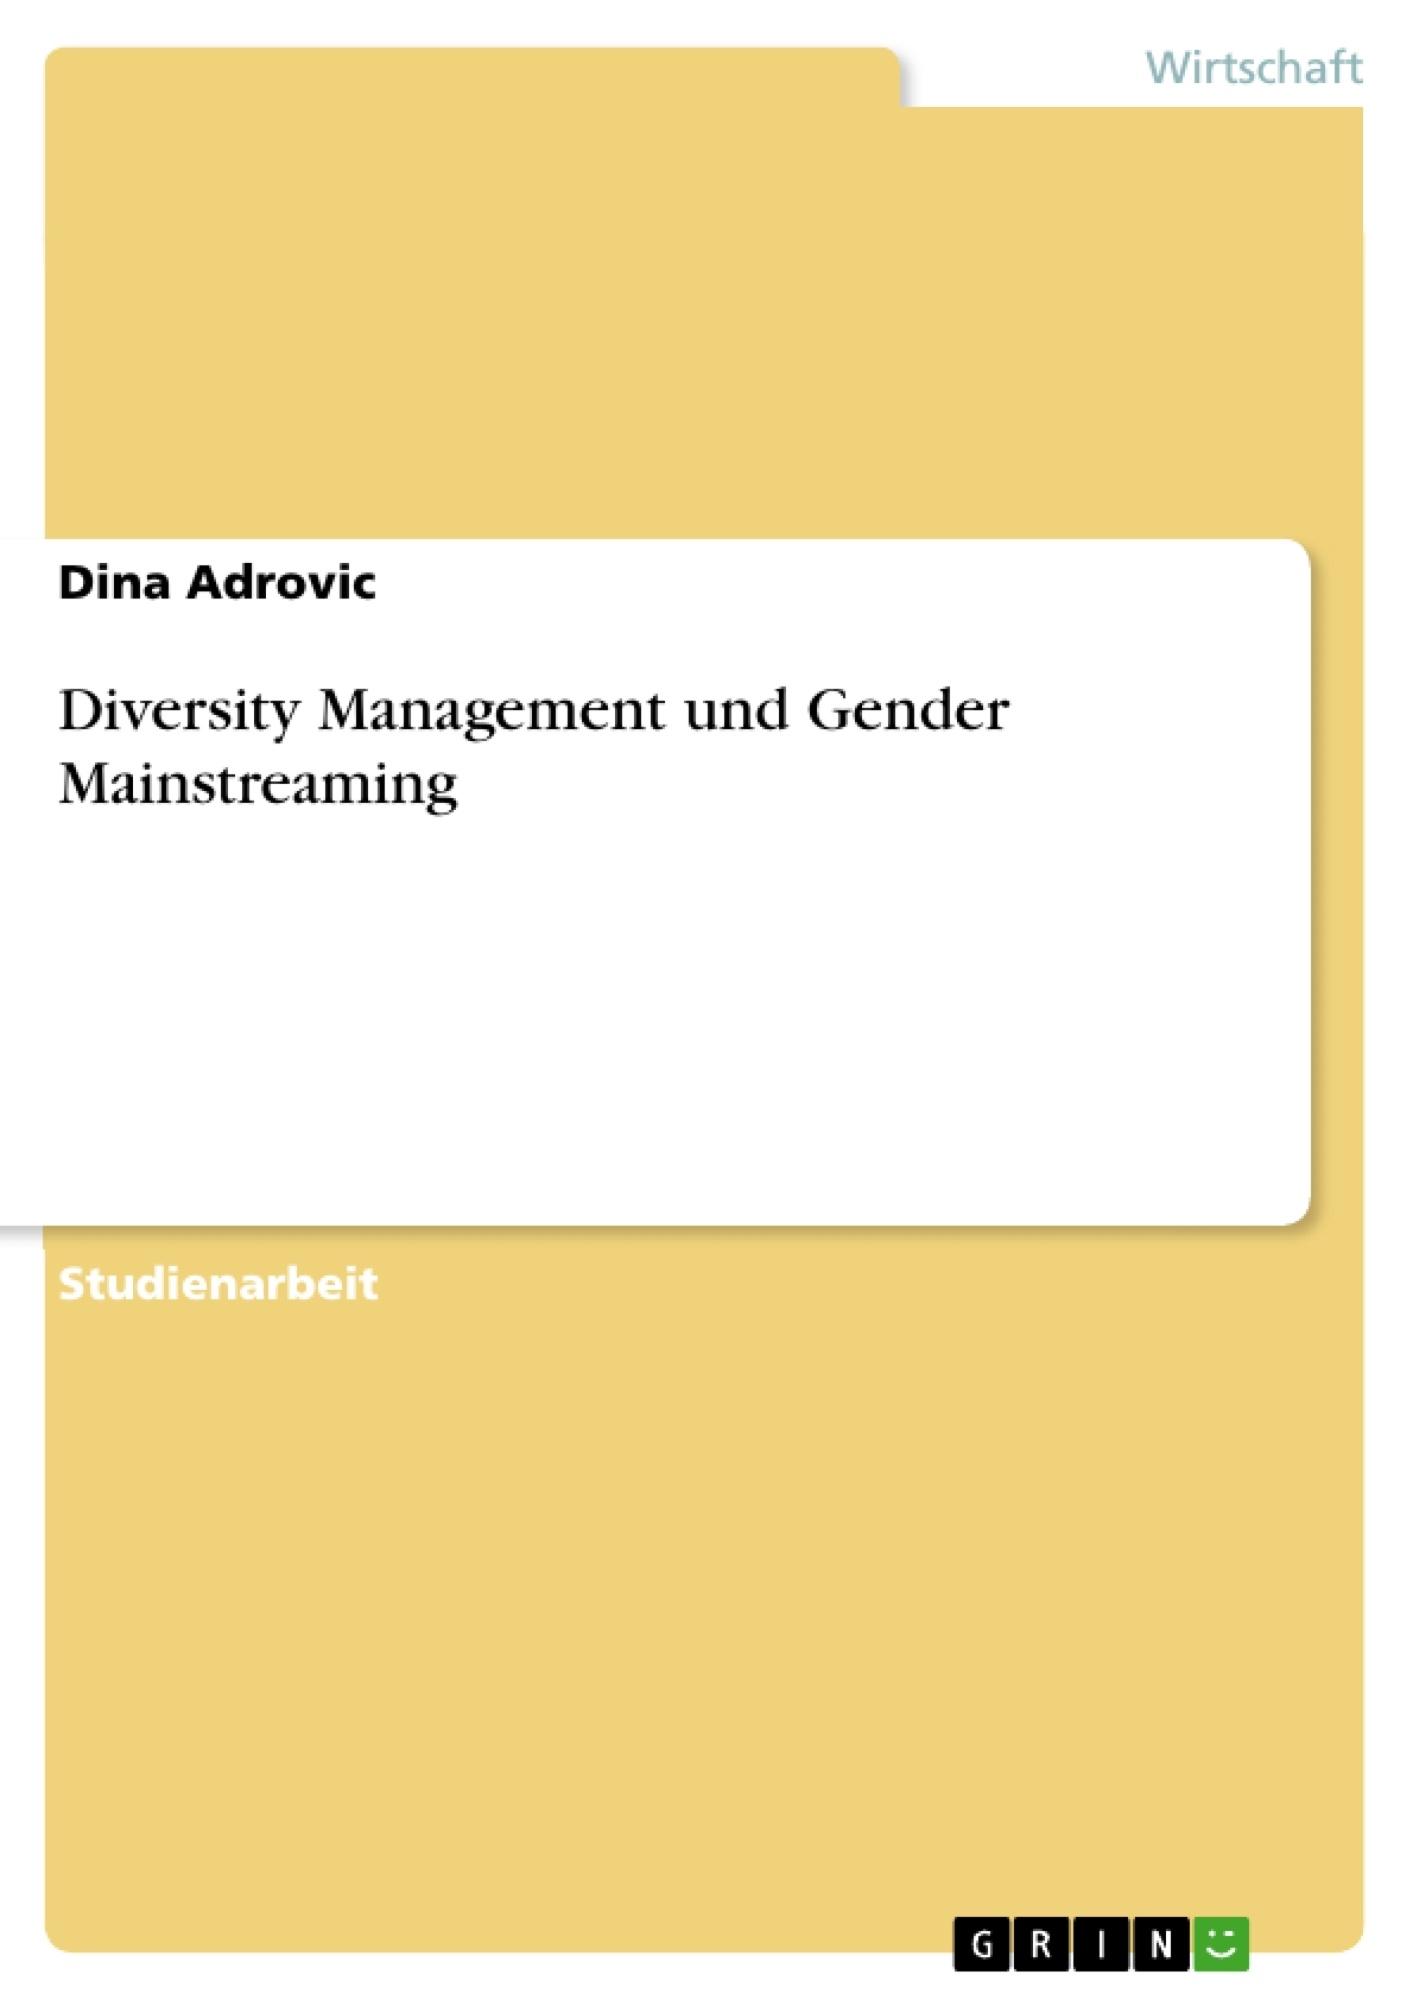 Titel: Diversity Management und Gender Mainstreaming